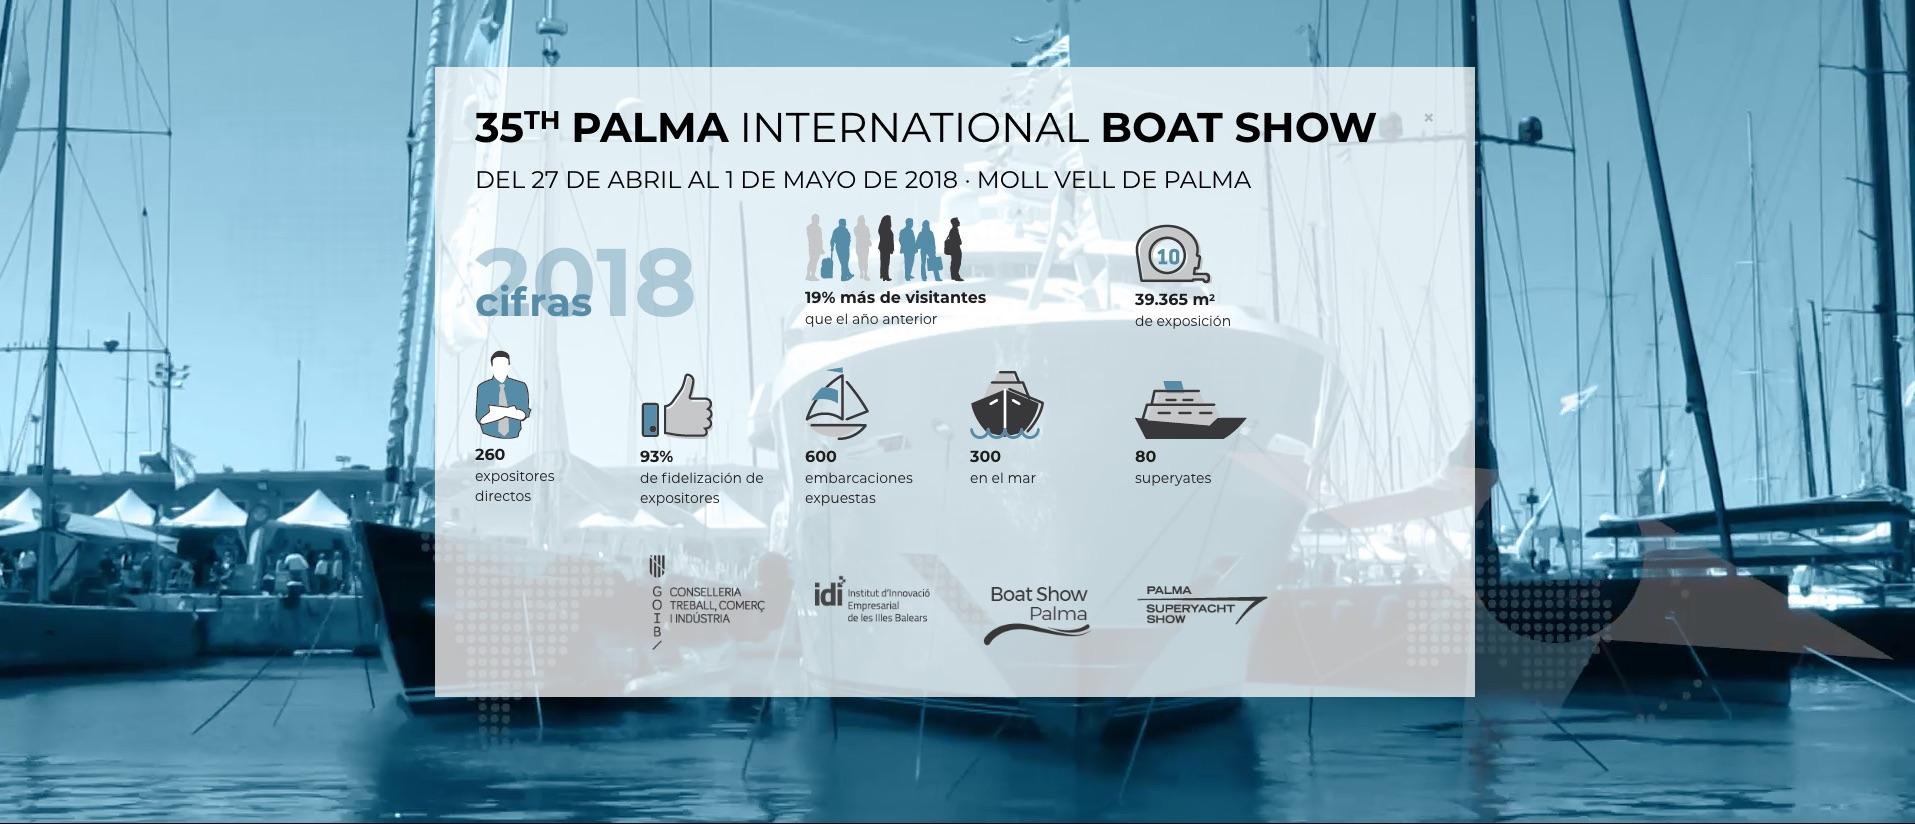 Embarcaciones Dehler. Boat Show Palma 2018